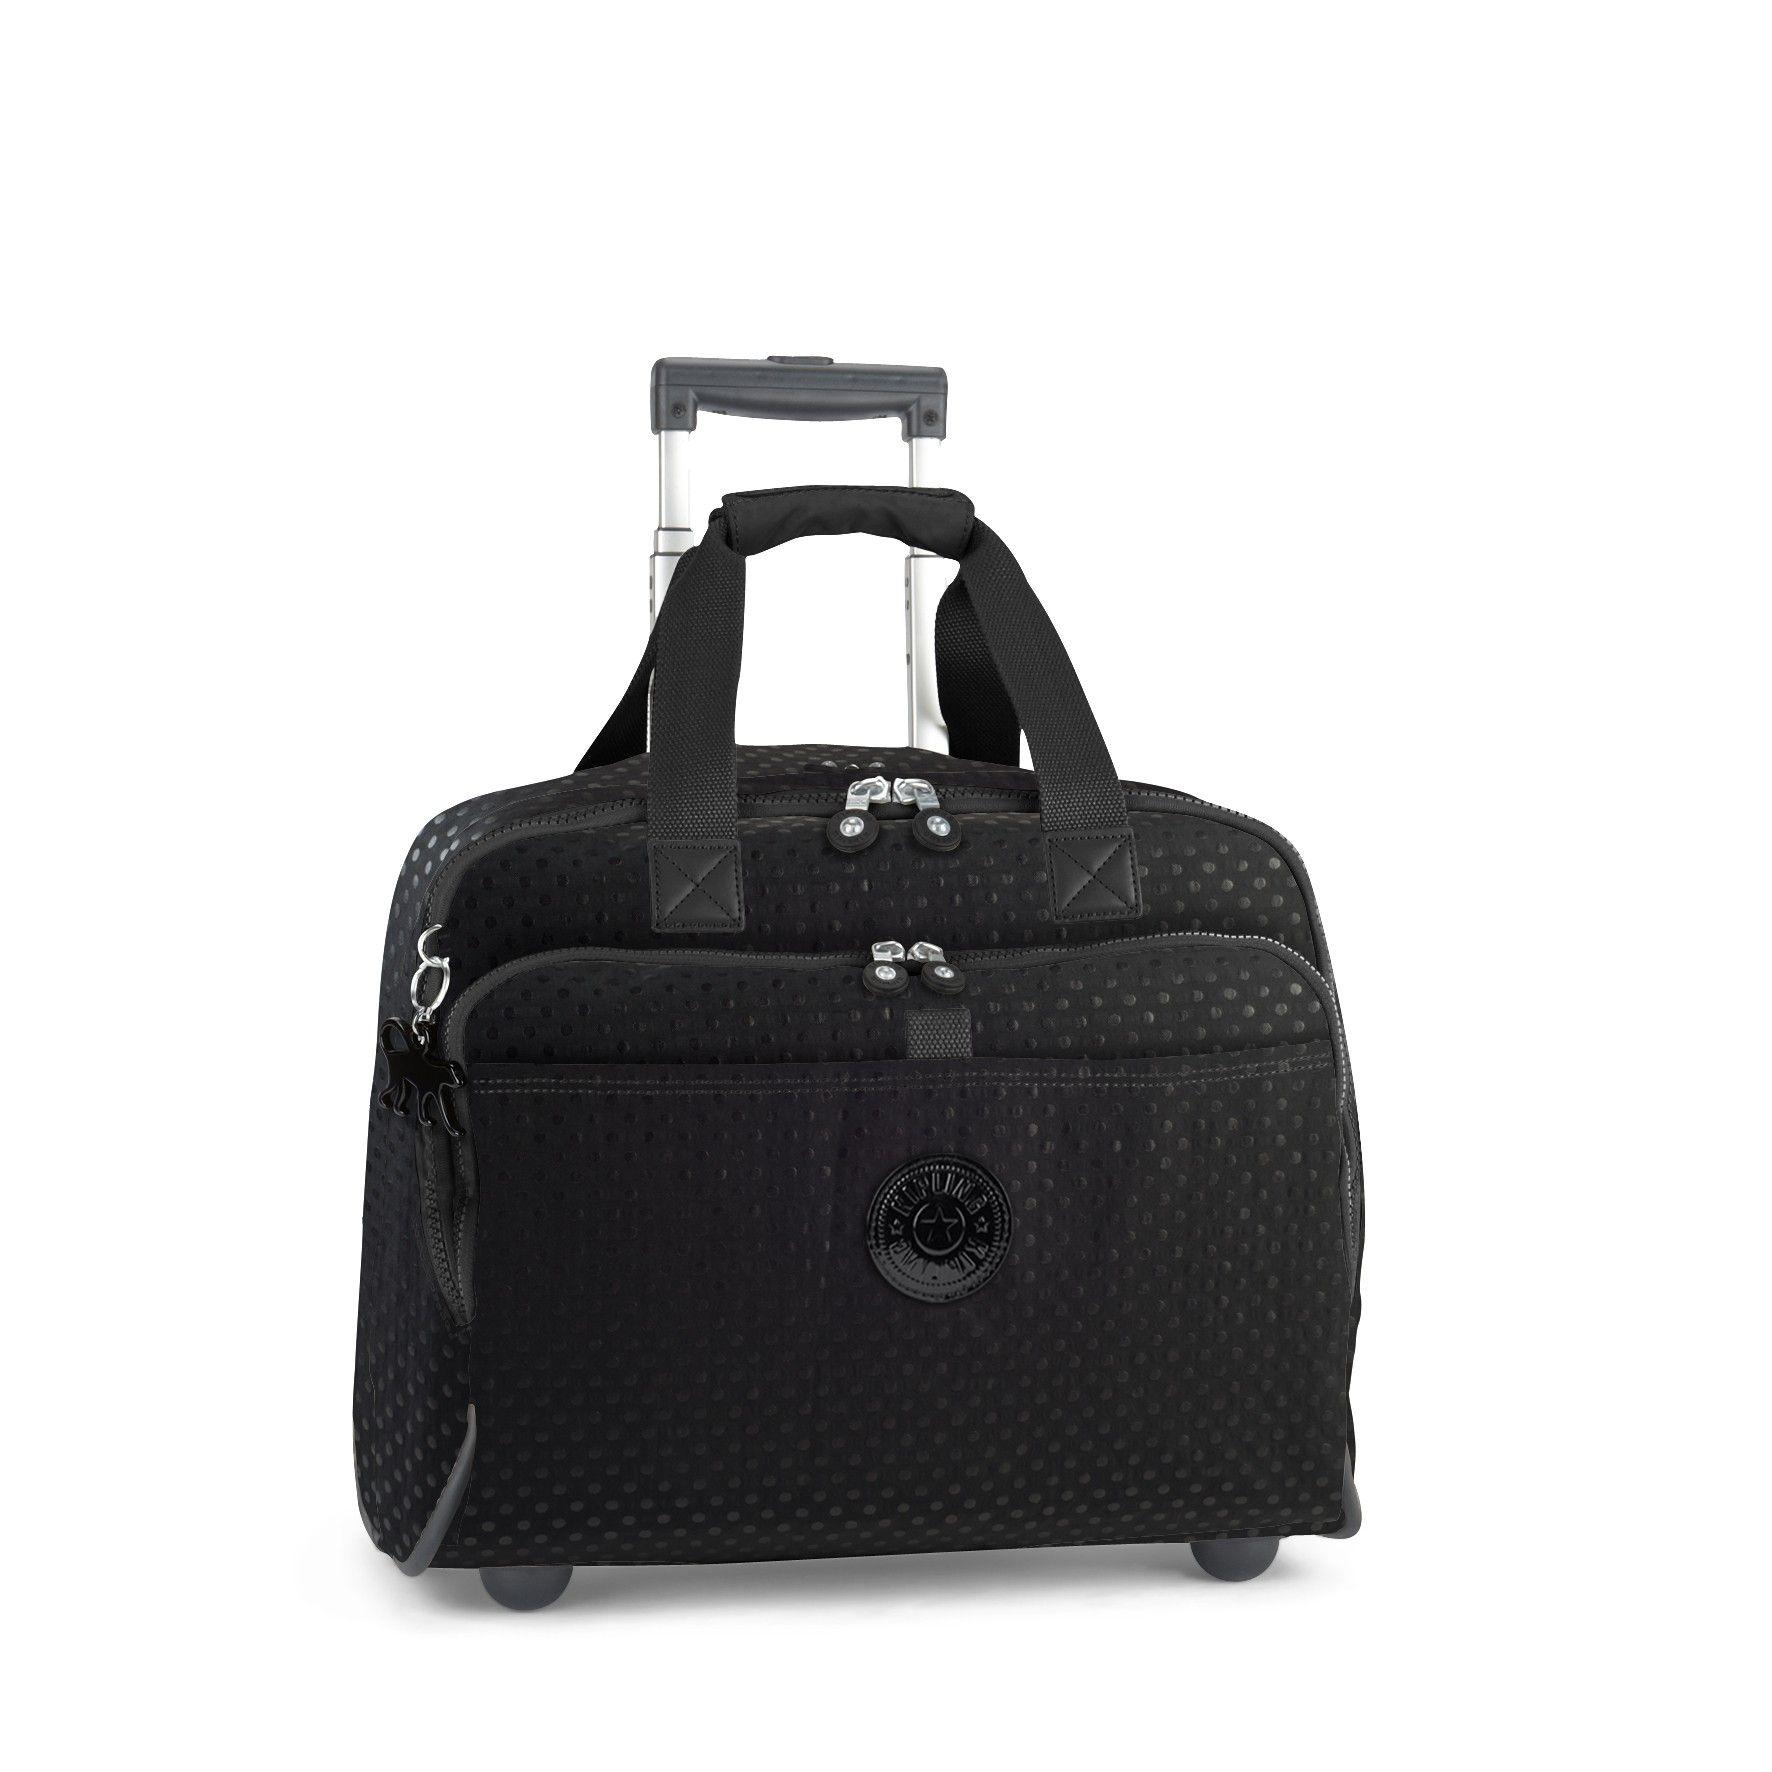 58761fbcd5 Kipling - NEW CEROC WL Black dots Wheeled working bag | Lookbook ...